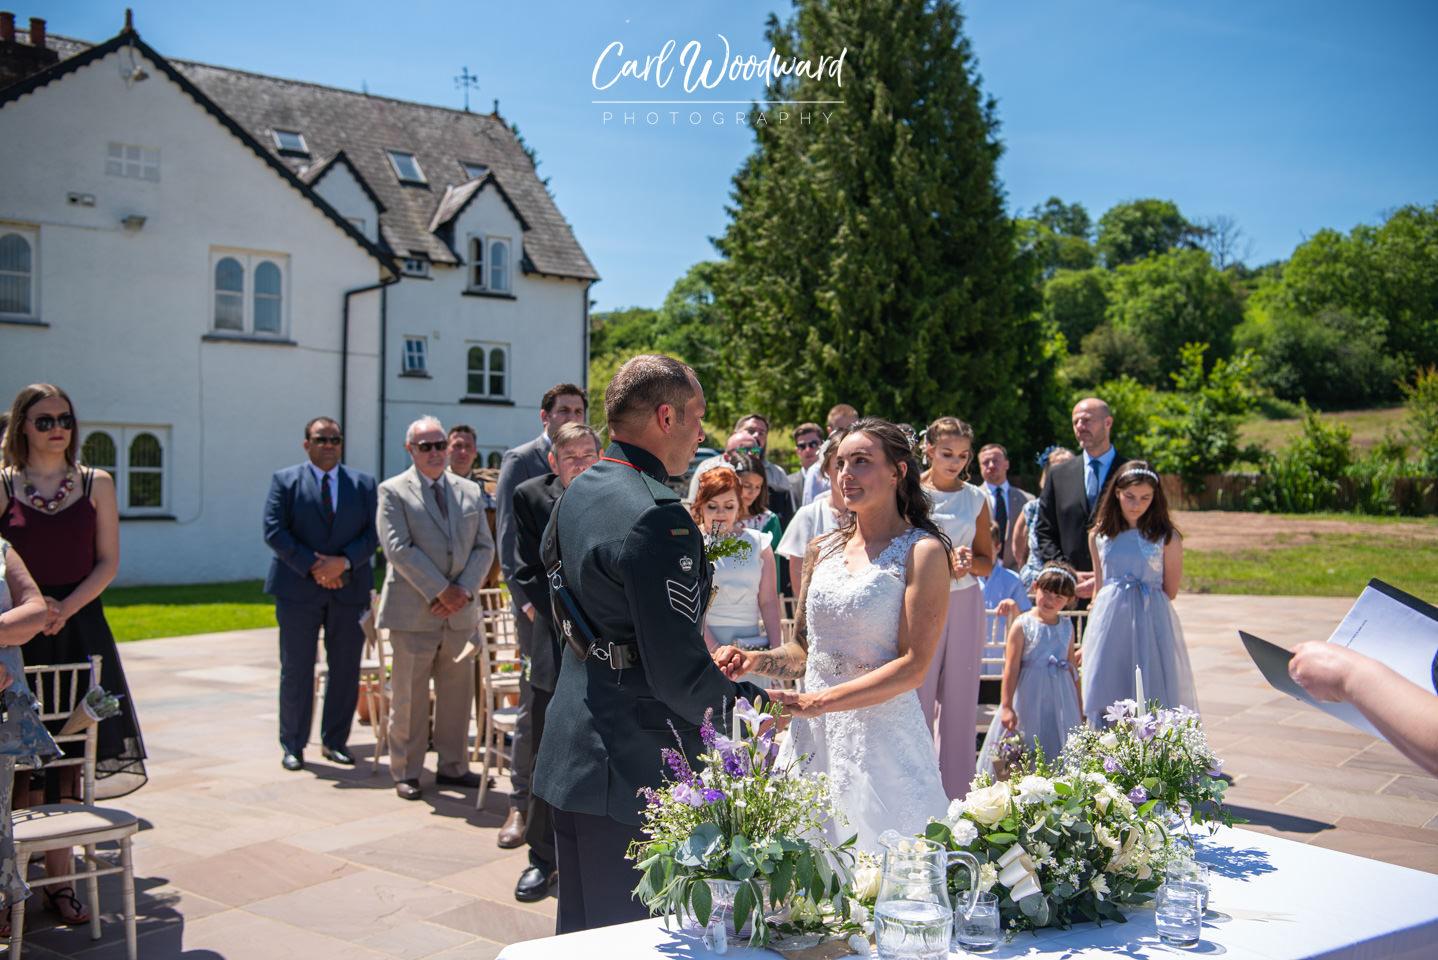 005-The-Old-Rectory-Hotel-Weddings.jpg